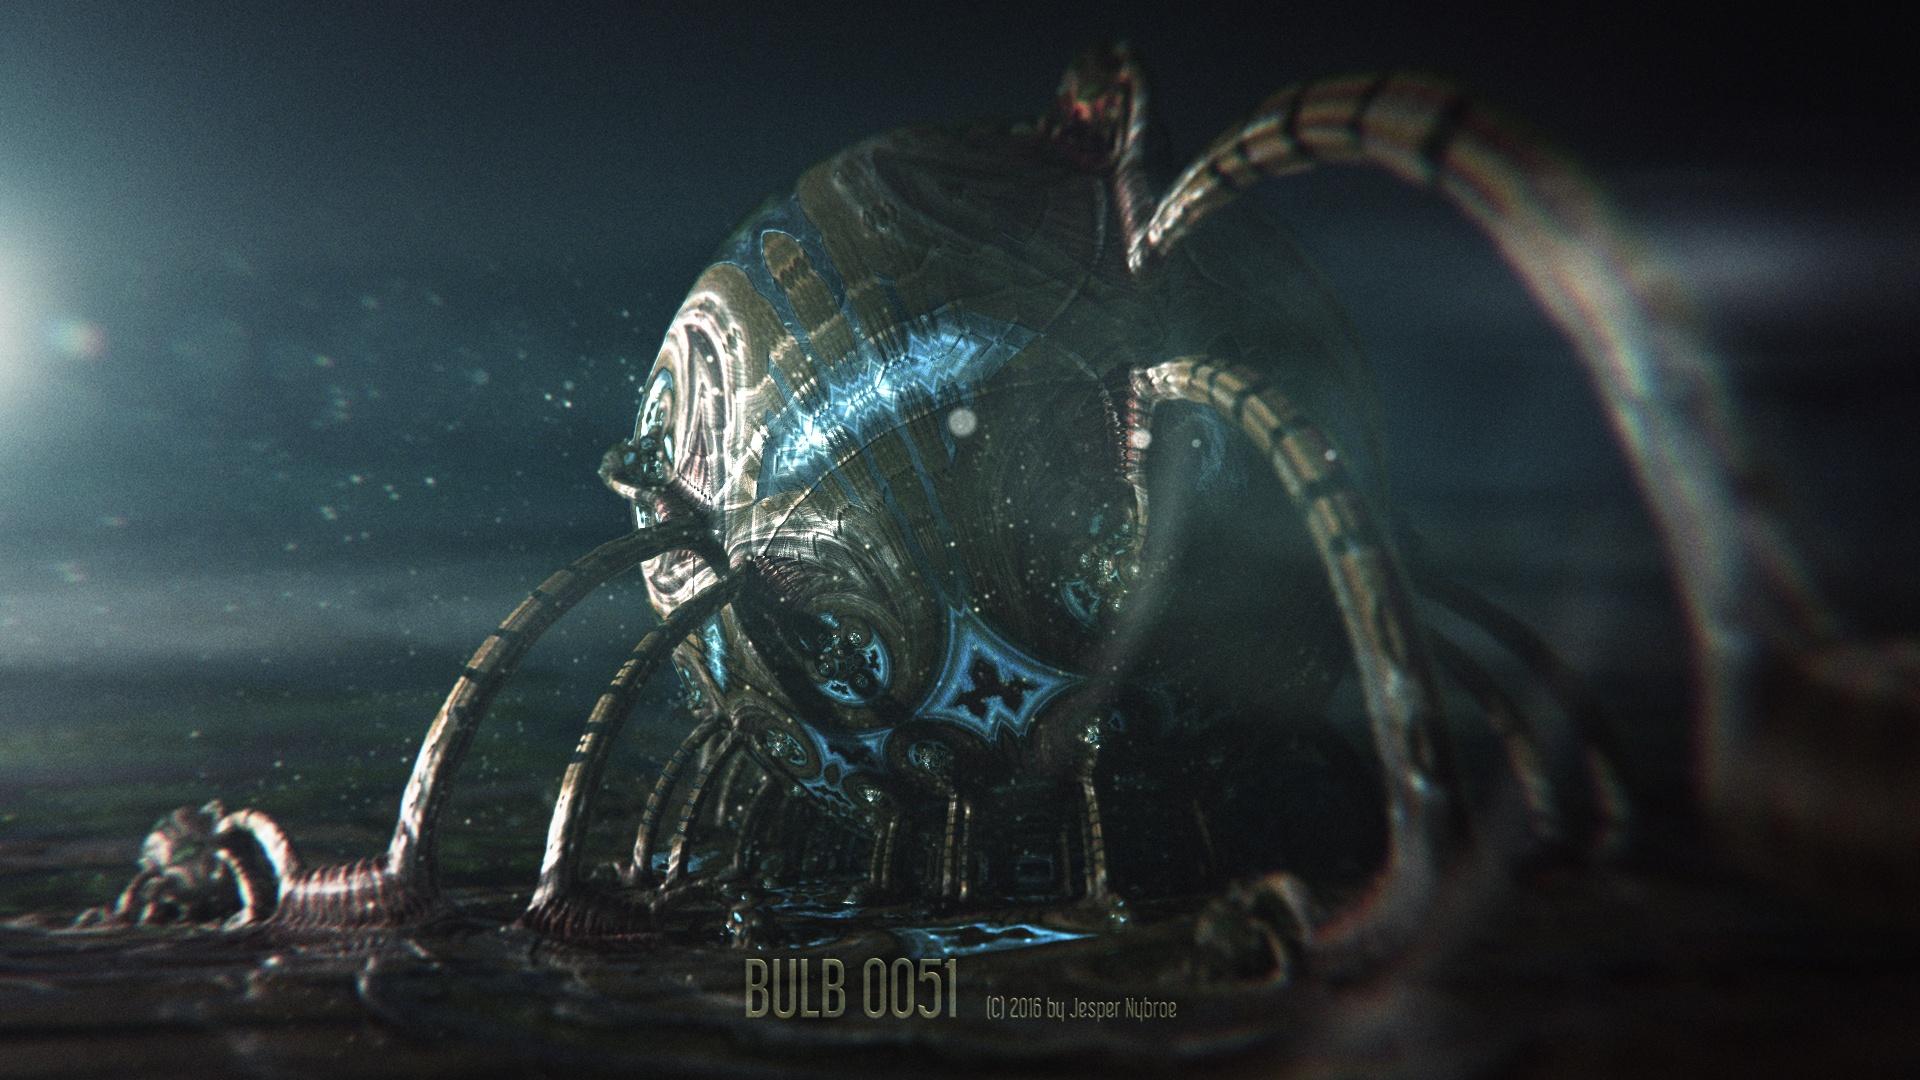 Bulb0051_v001.0001.jpg